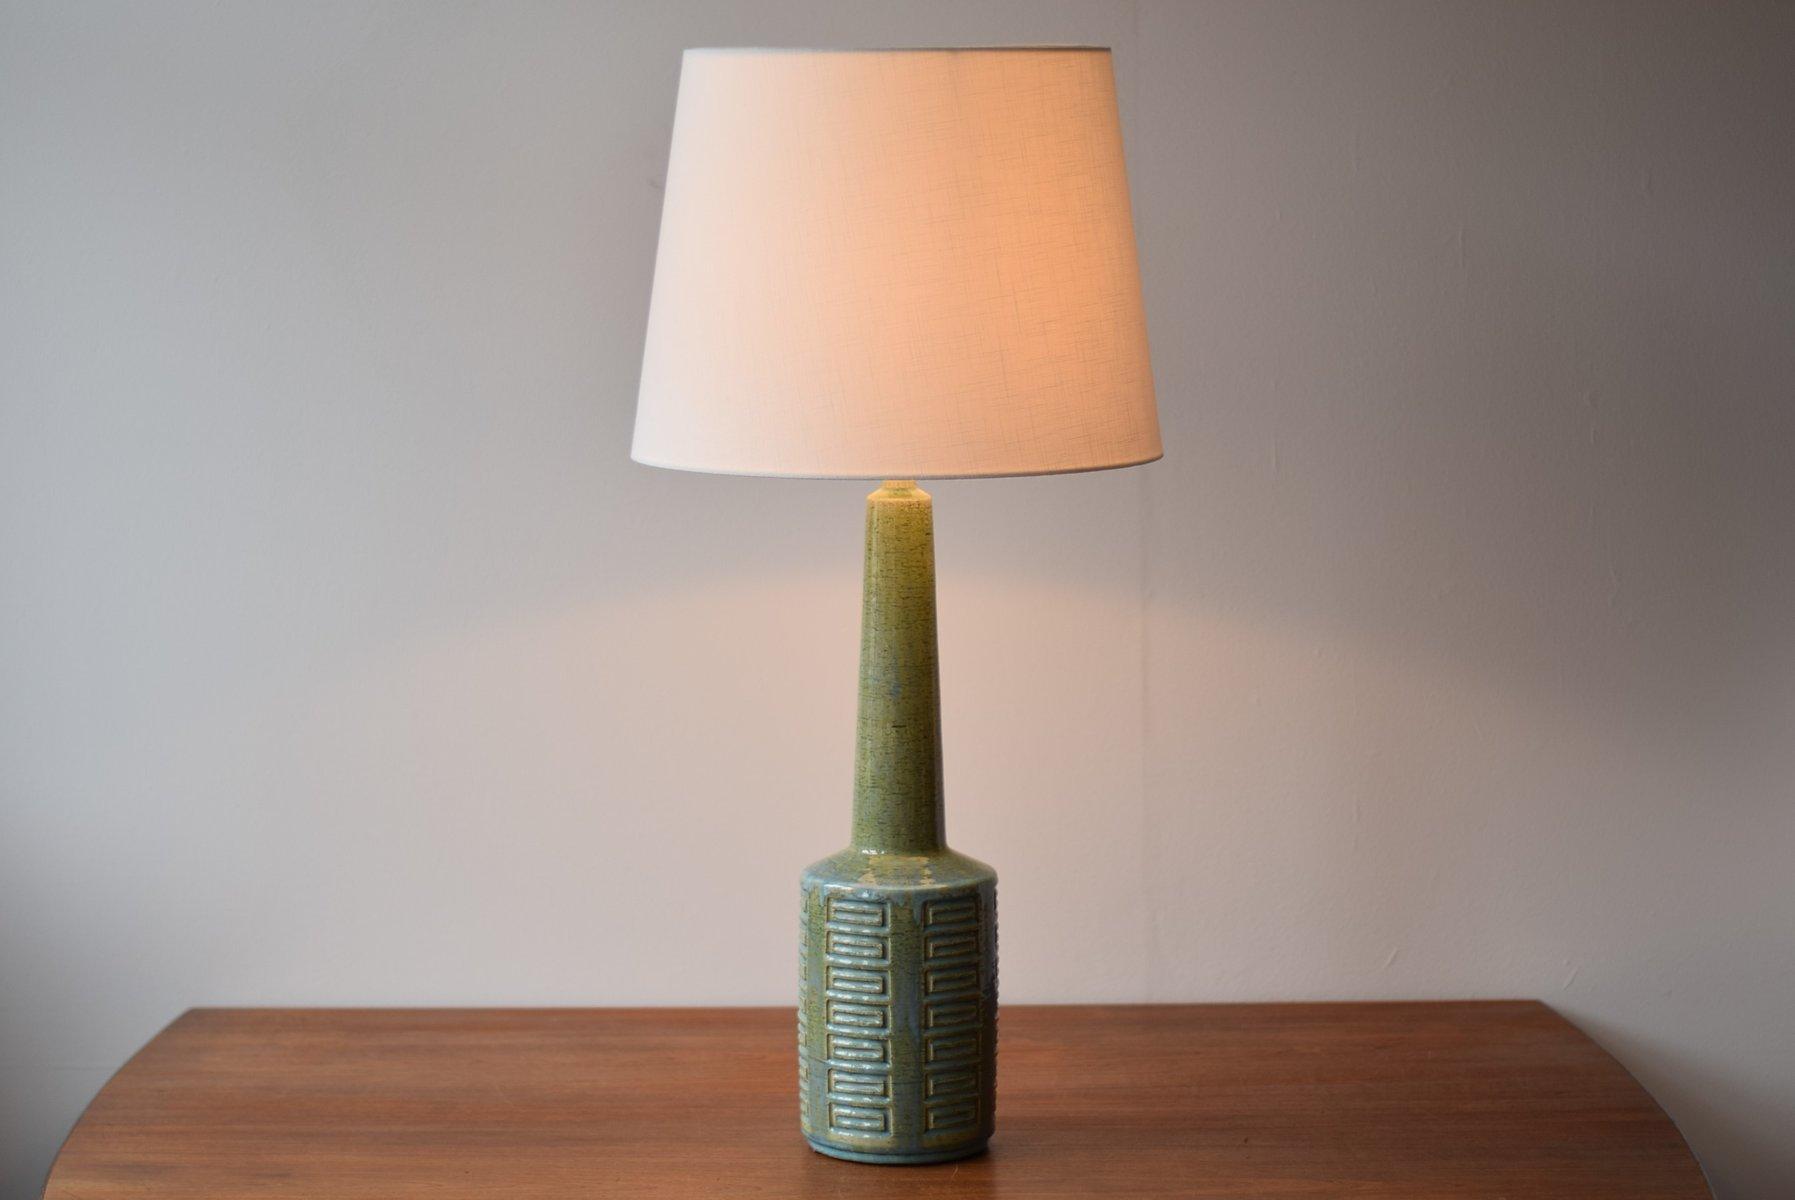 Large Scandinavian Table Lamp by Per Linnemann-Schmidt for Palshus ...